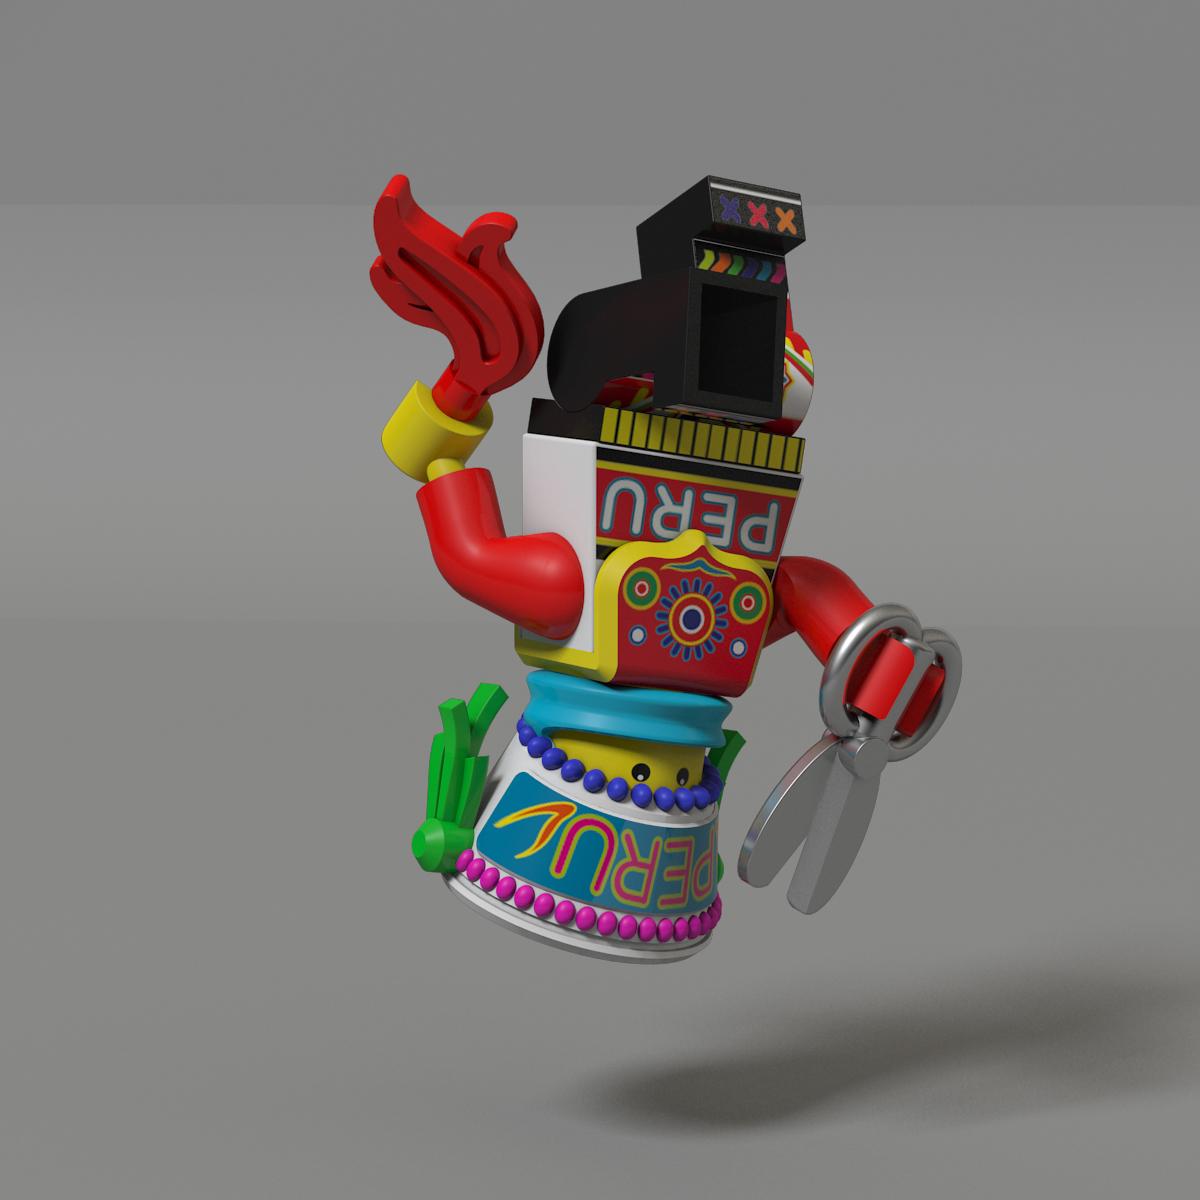 danzante-reves-lego-by-lau-toyosato